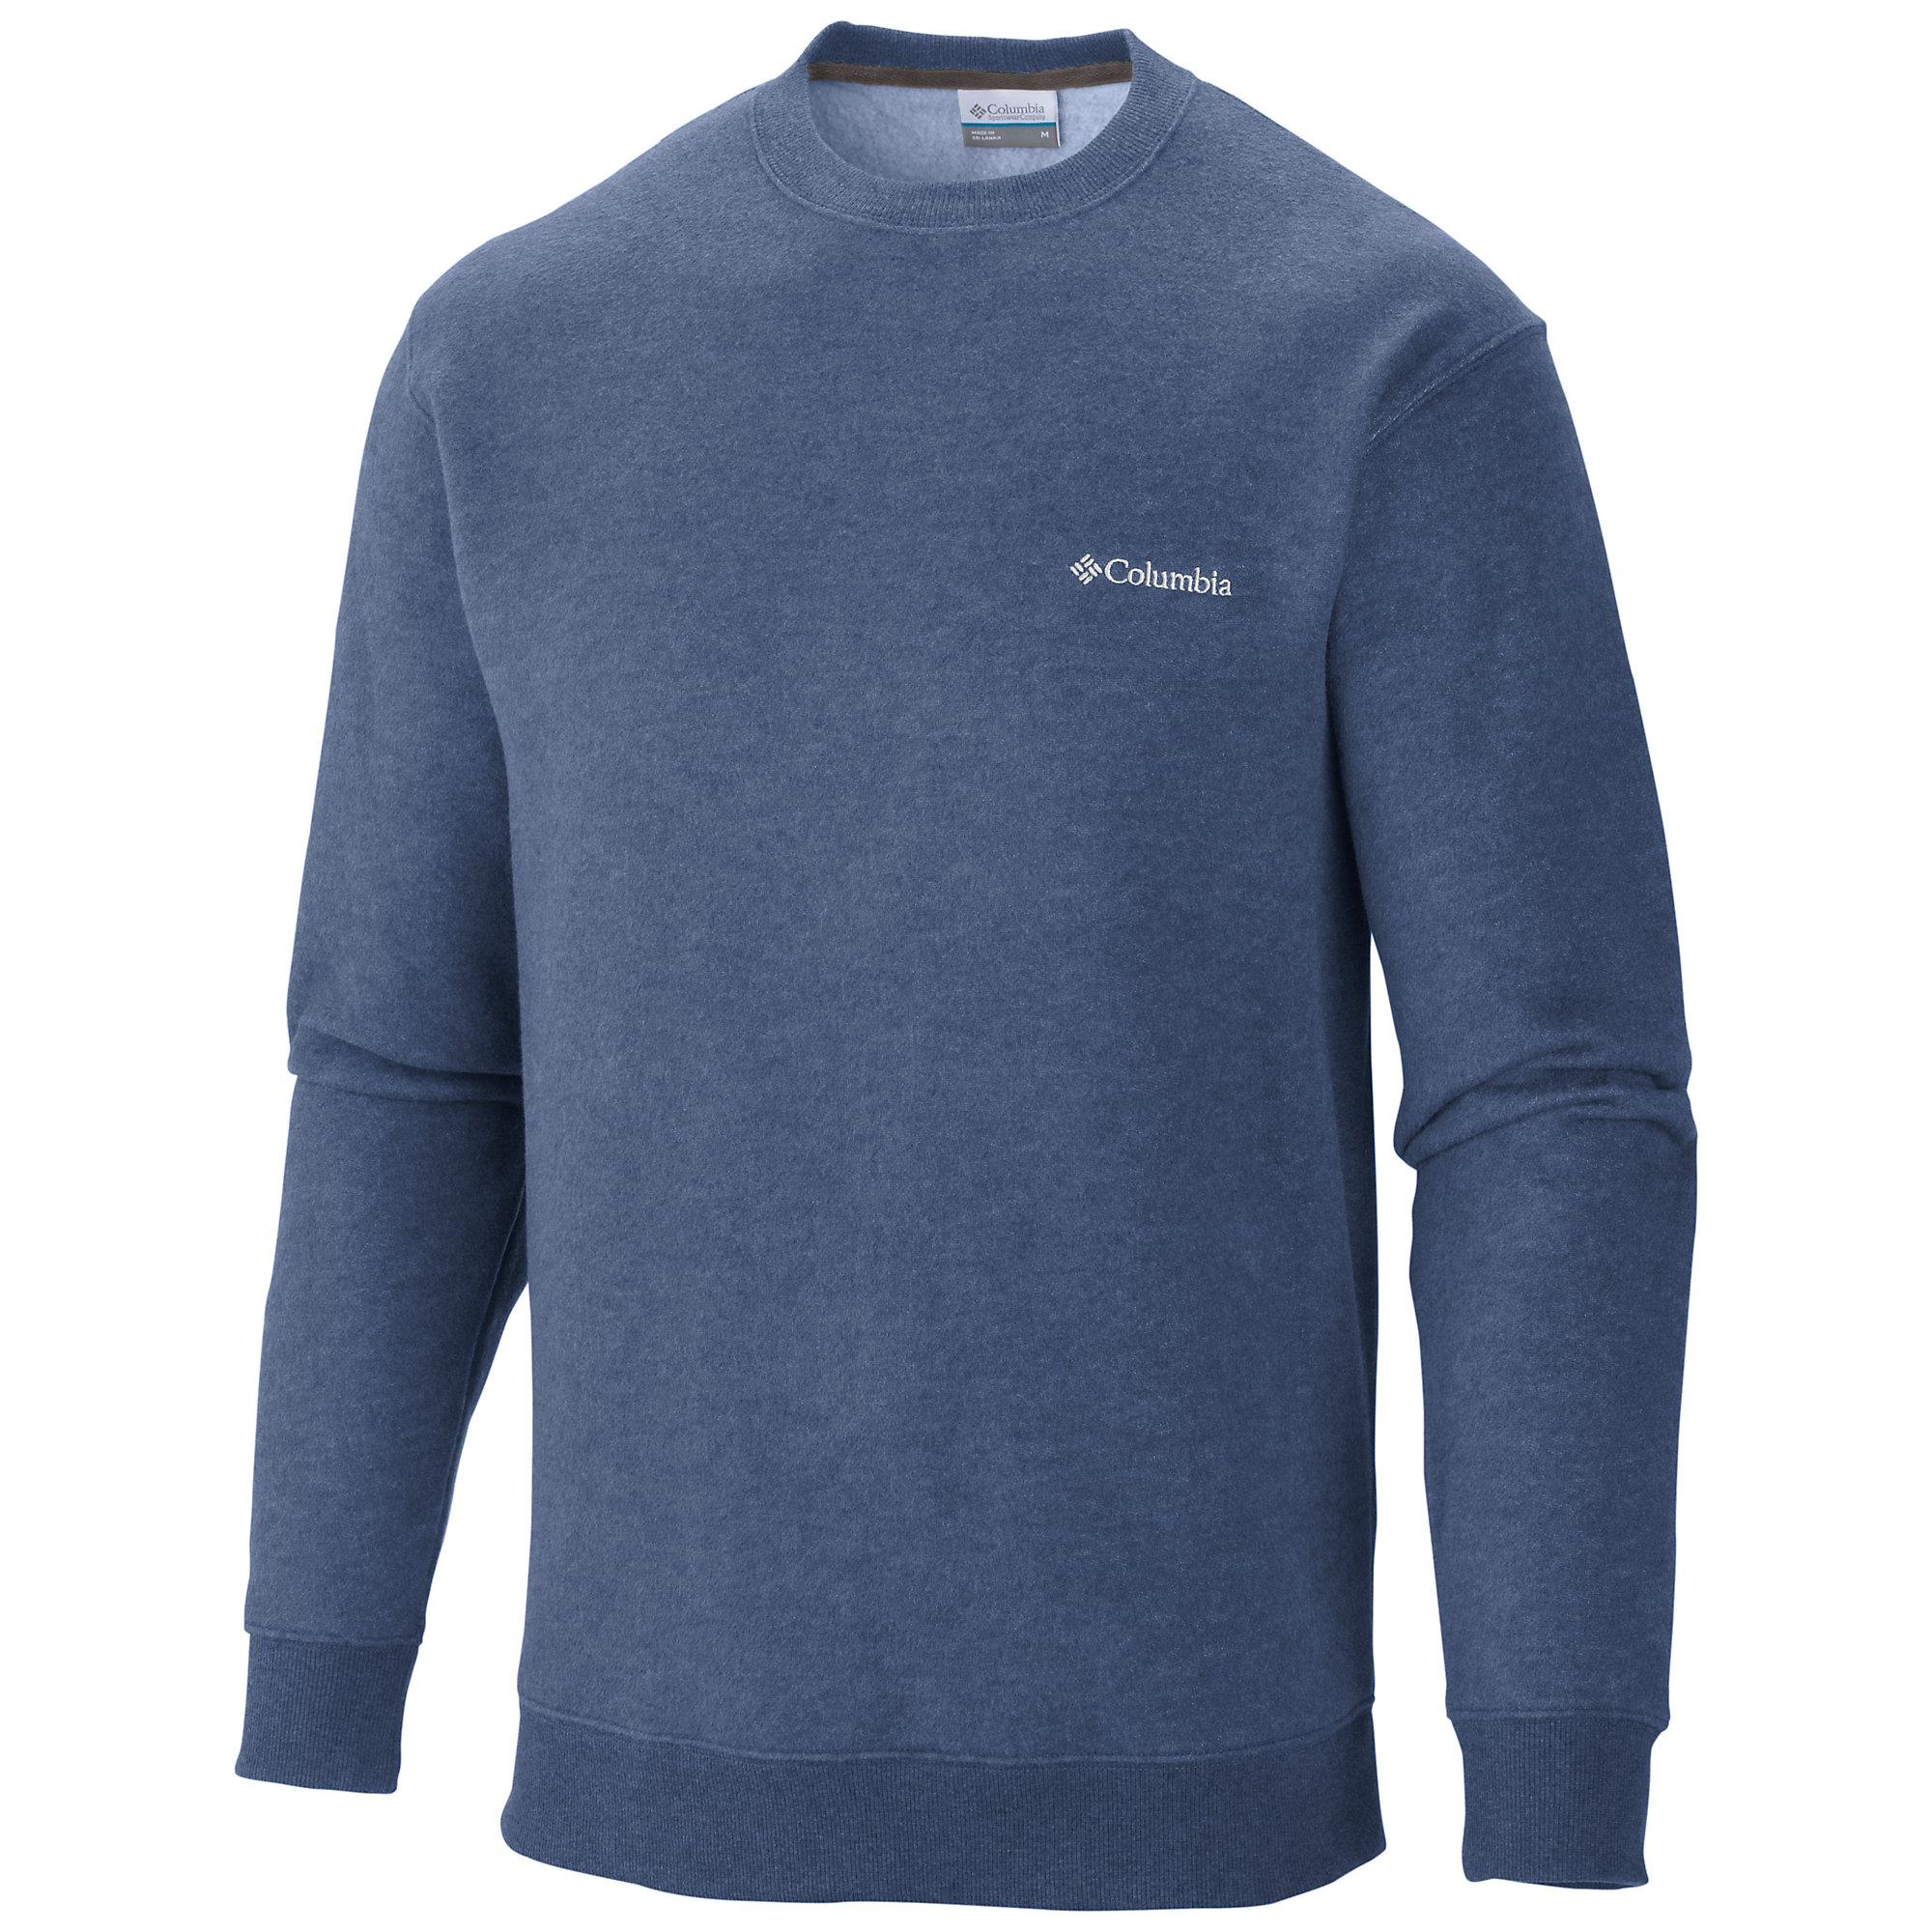 Columbia Hart Mountain II Crew Sweatshirt